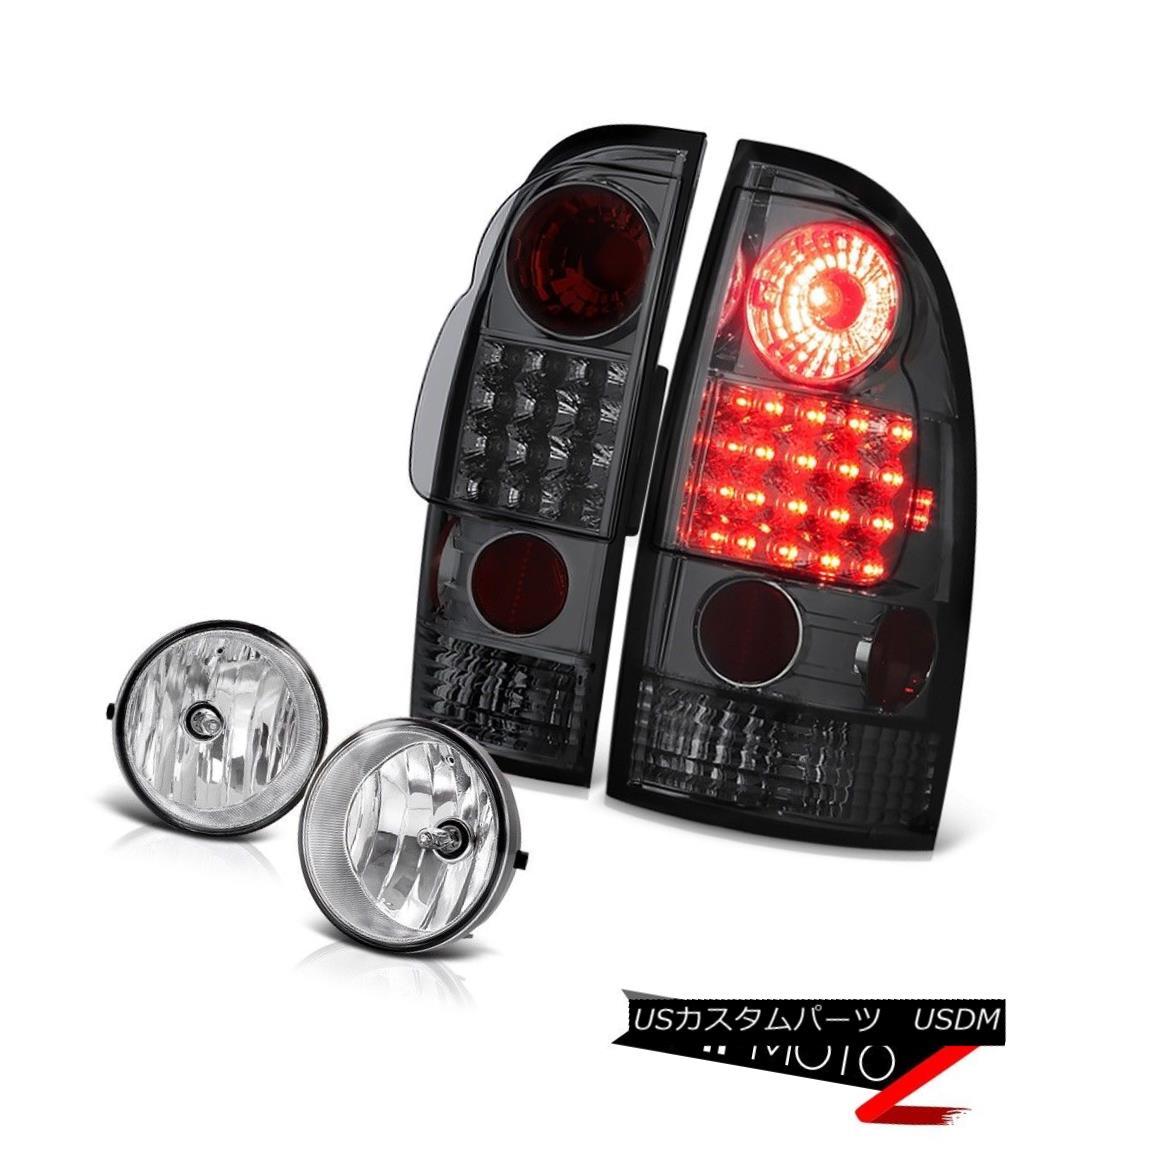 テールライト 2005-2011 Toyota Tacoma Smoke Tail Lights LED Clear Bumper Fog Lights Lamp Kits 2005年から2011年トヨタタコマ煙テールライトLEDクリアバンパーフォグライティングランプキット